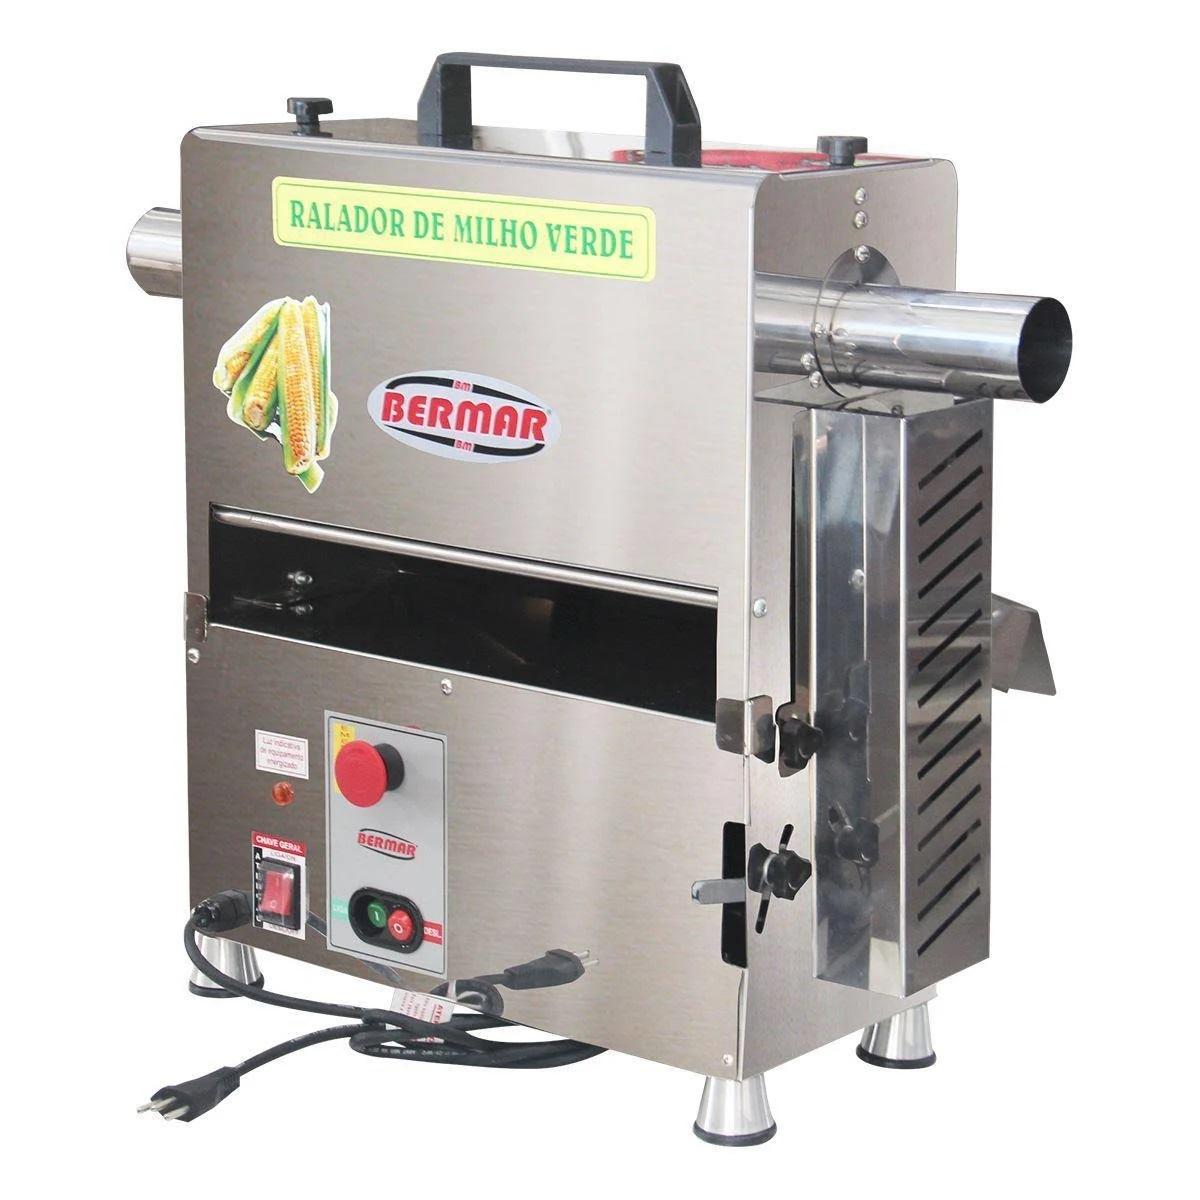 Ralador de Milho Verde 130 KG/H Bermar - BM91NR  - Carmel Equipamentos